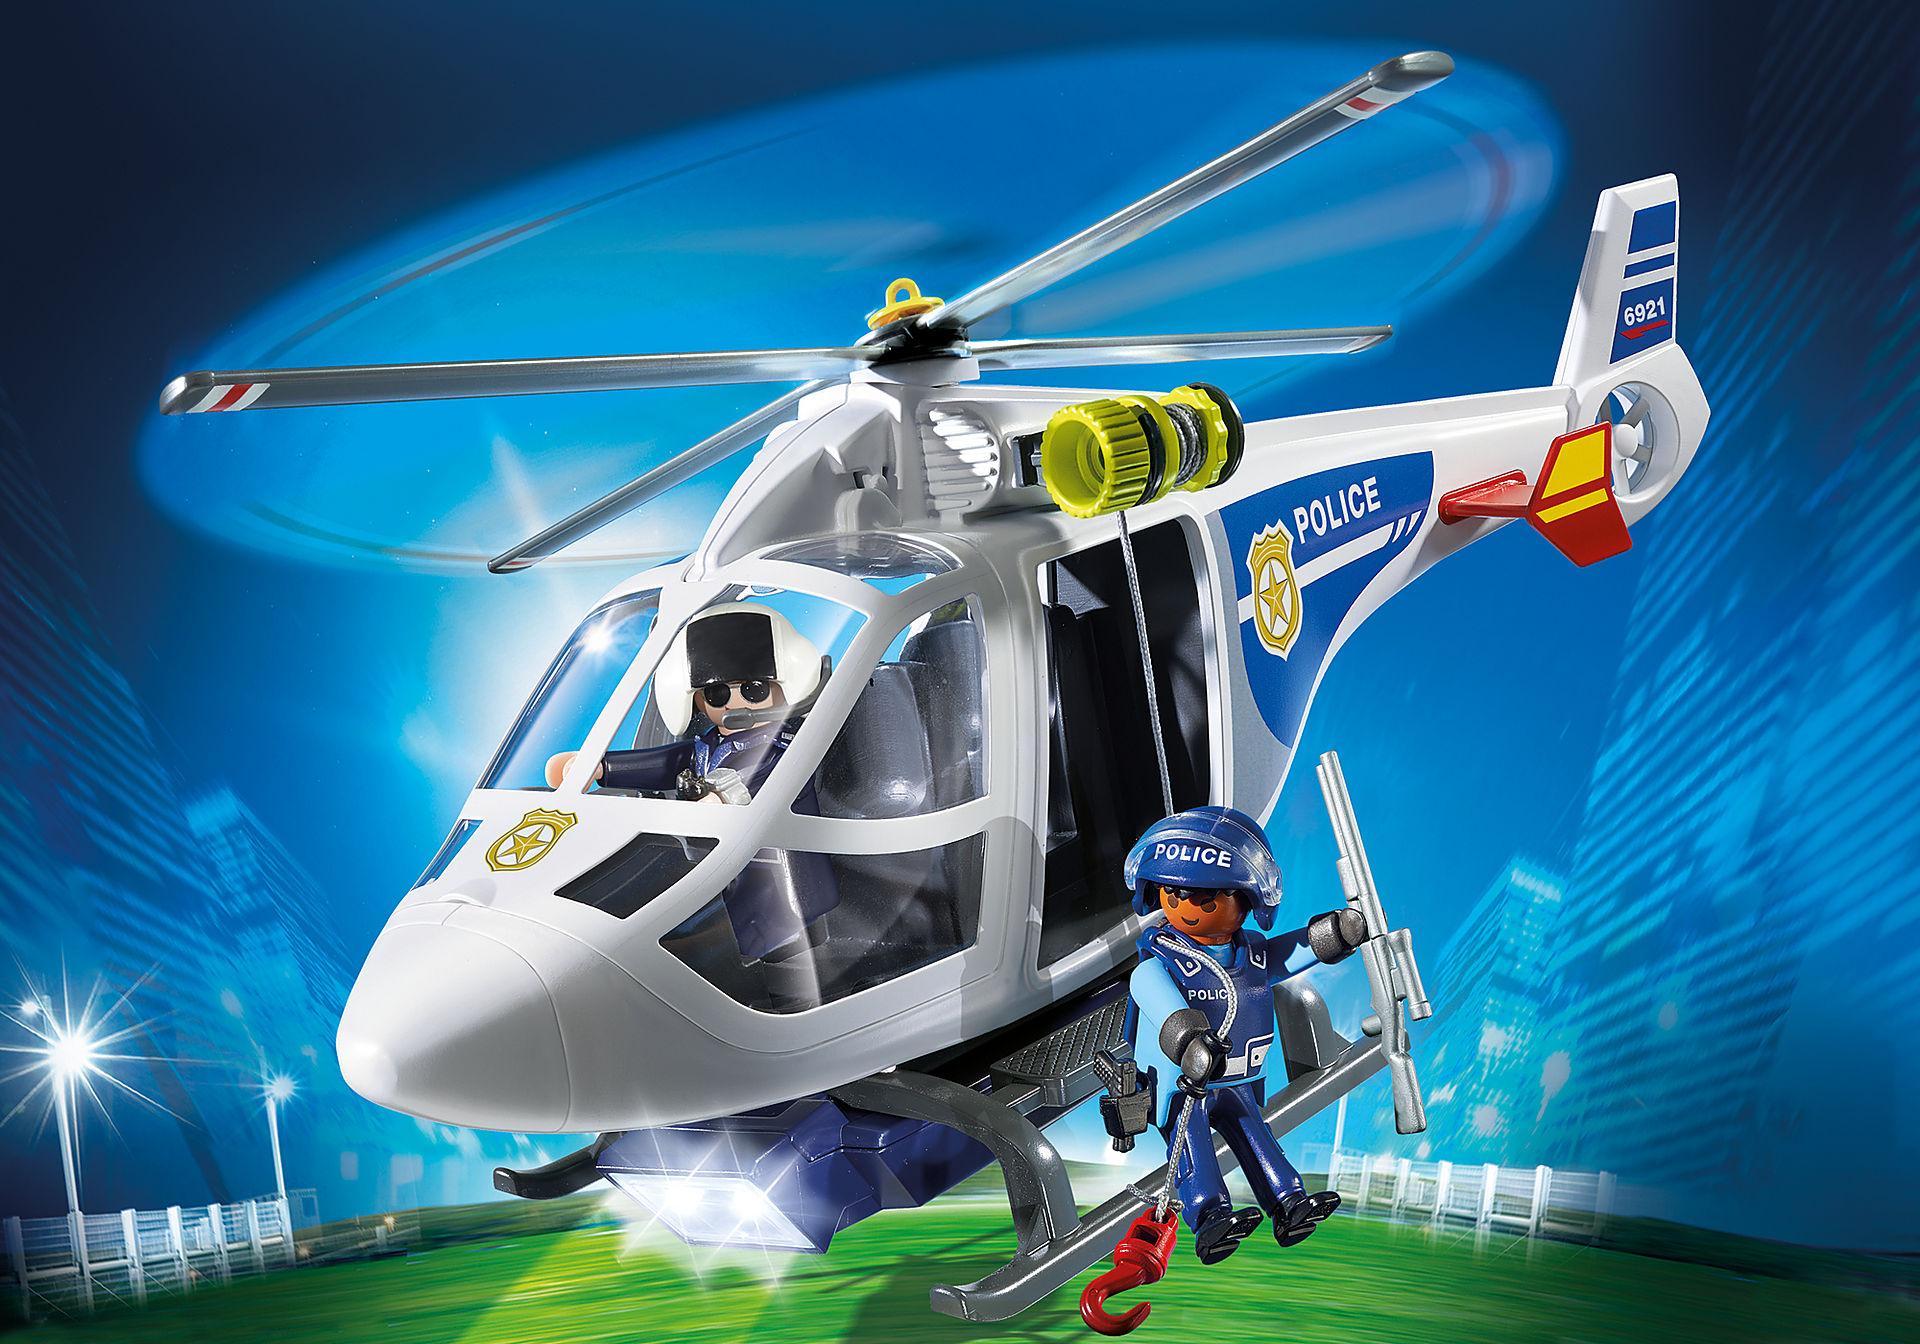 6921 Helicóptero da Polícia com luzes LED zoom image1